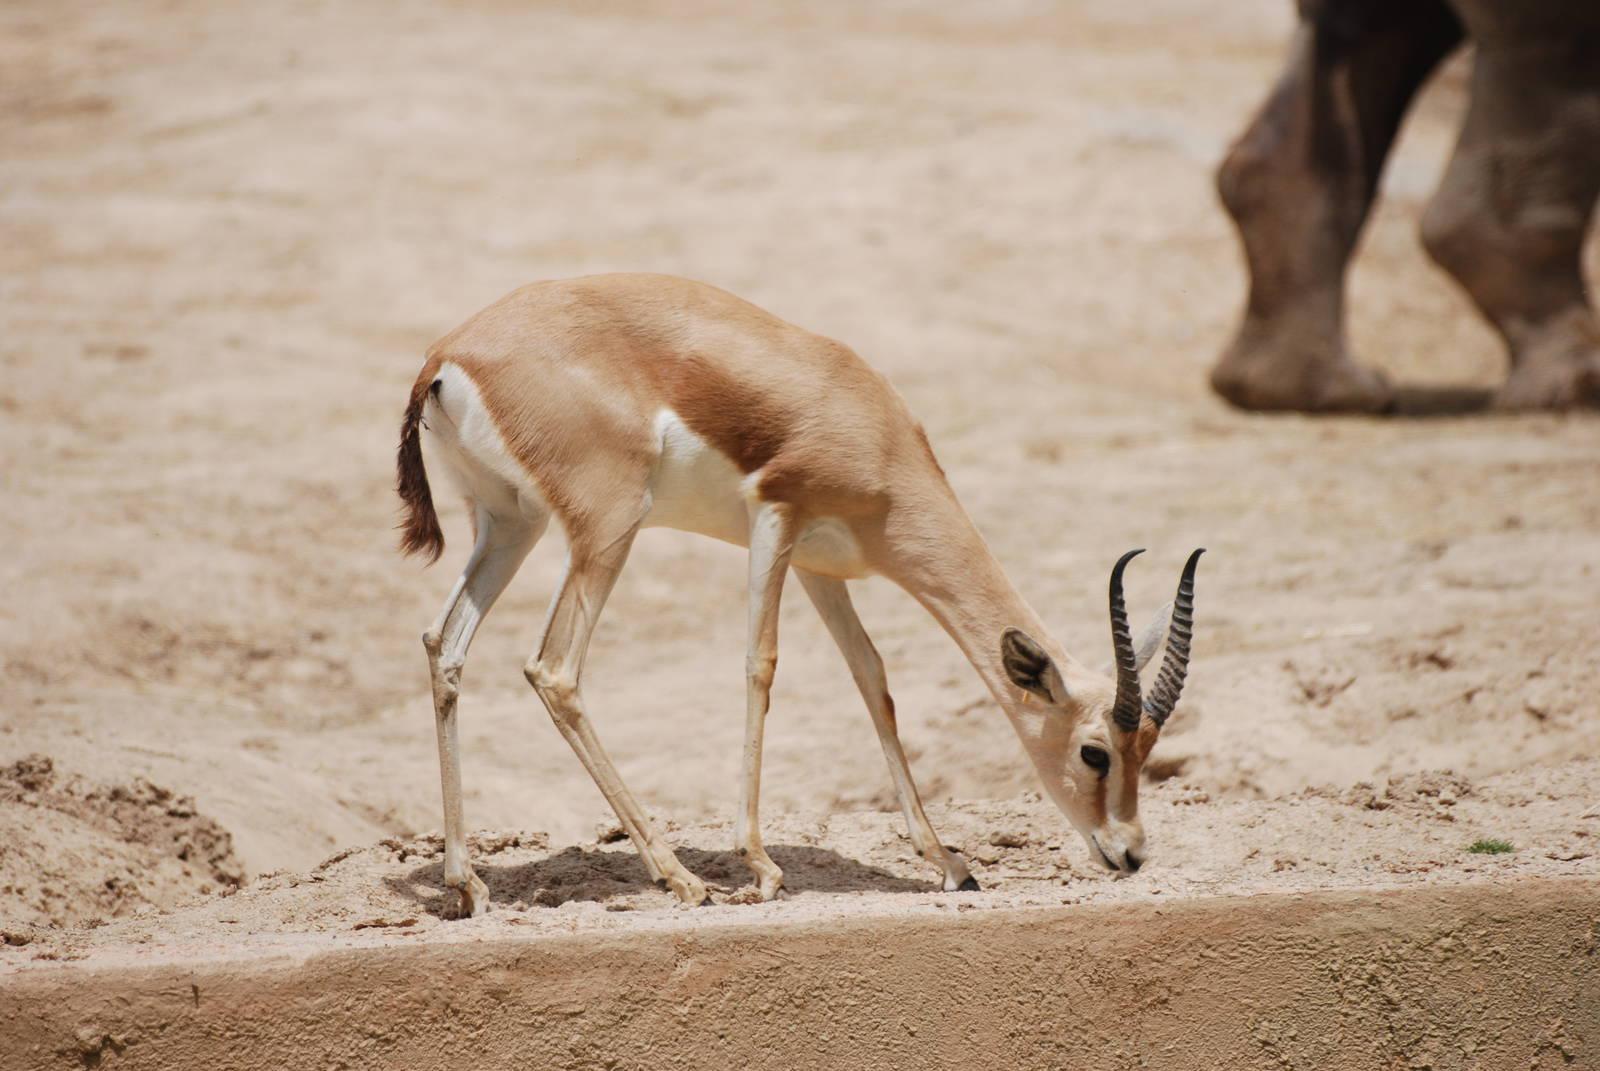 صوره اسماء وصور الحيوانات الصحراوية